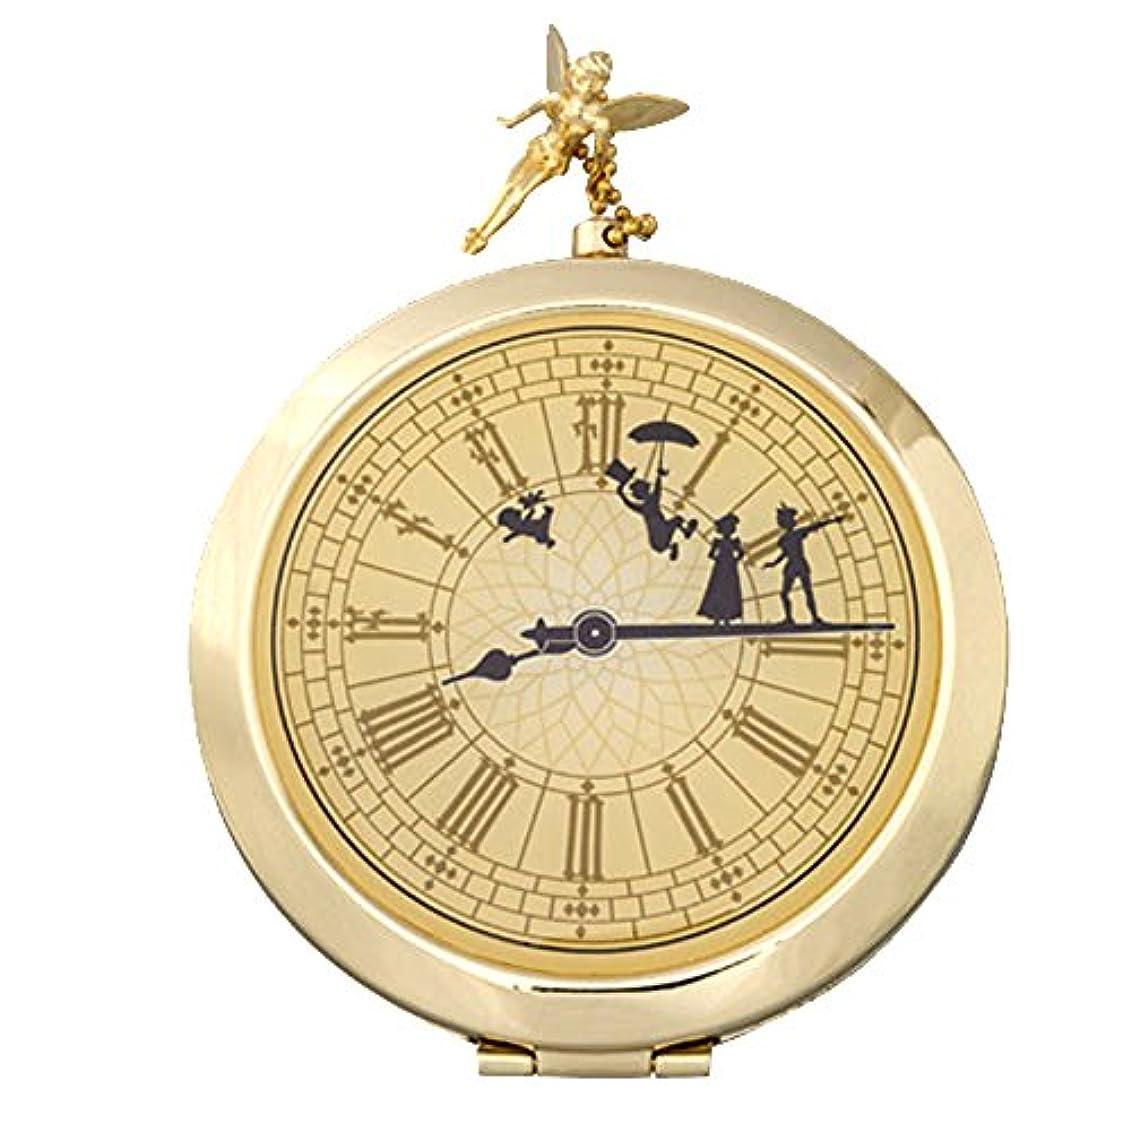 メトロポリタン四半期考古学的な12/1~ ピーターパン コンパクト 式 ミラー 鏡 時計型 アンティーク ディズニー ティンカーベル 他 メイク 用品 ( ディズニーランド限定 )